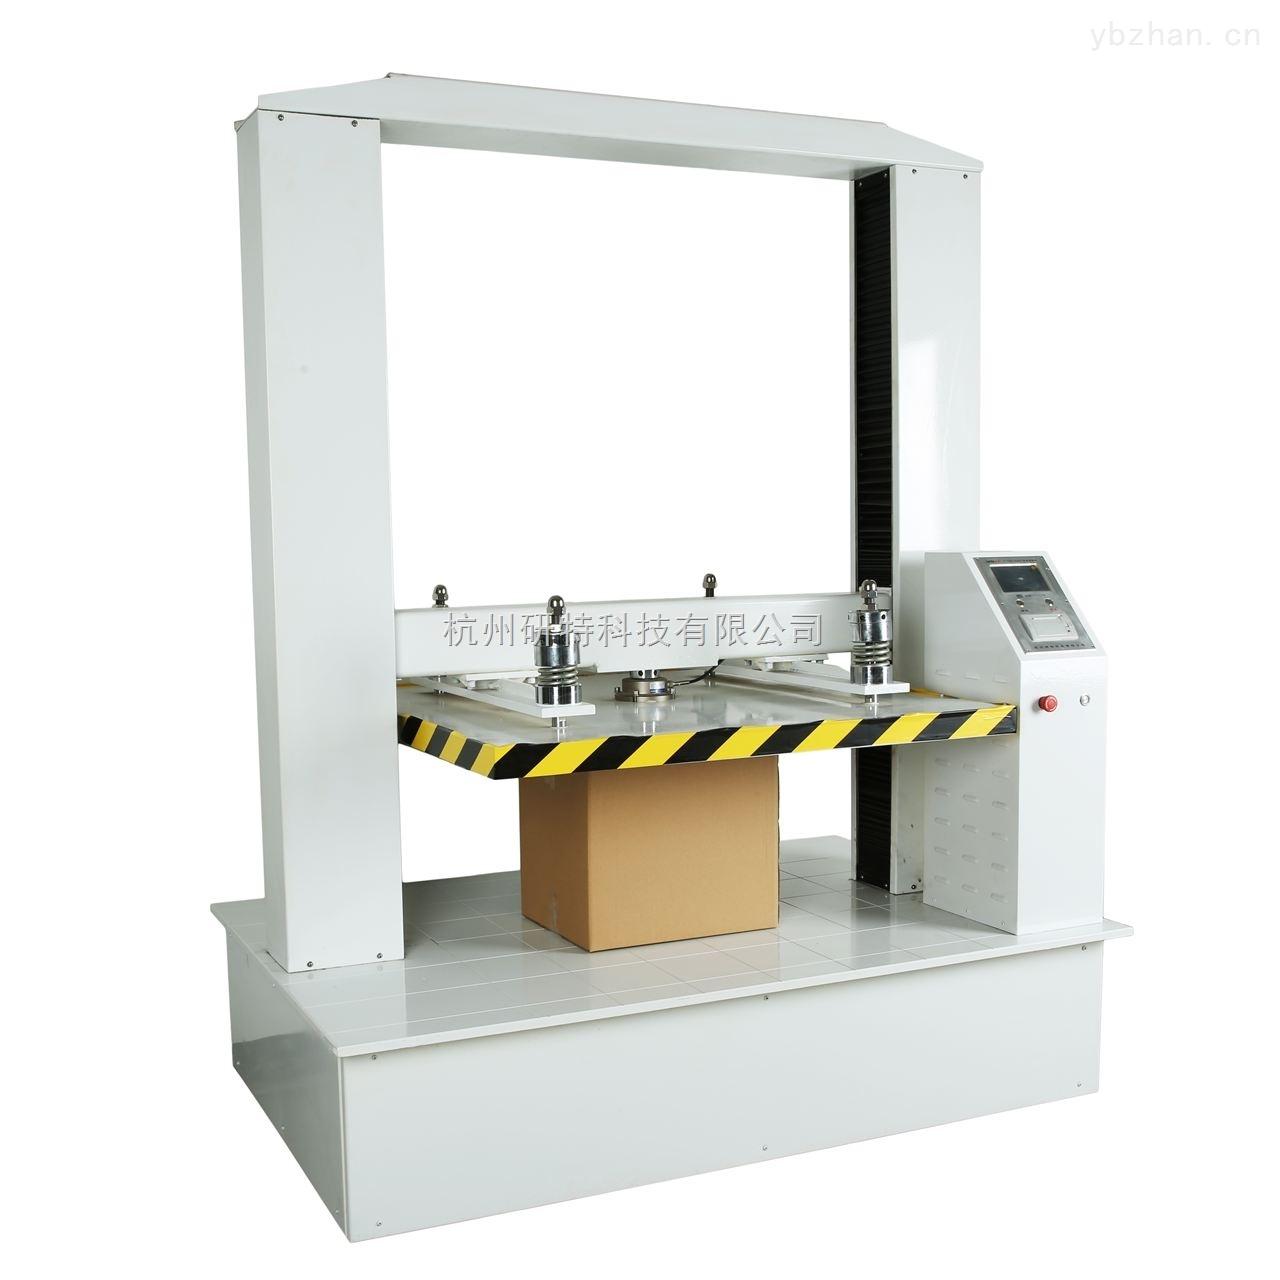 整箱抗压试验机